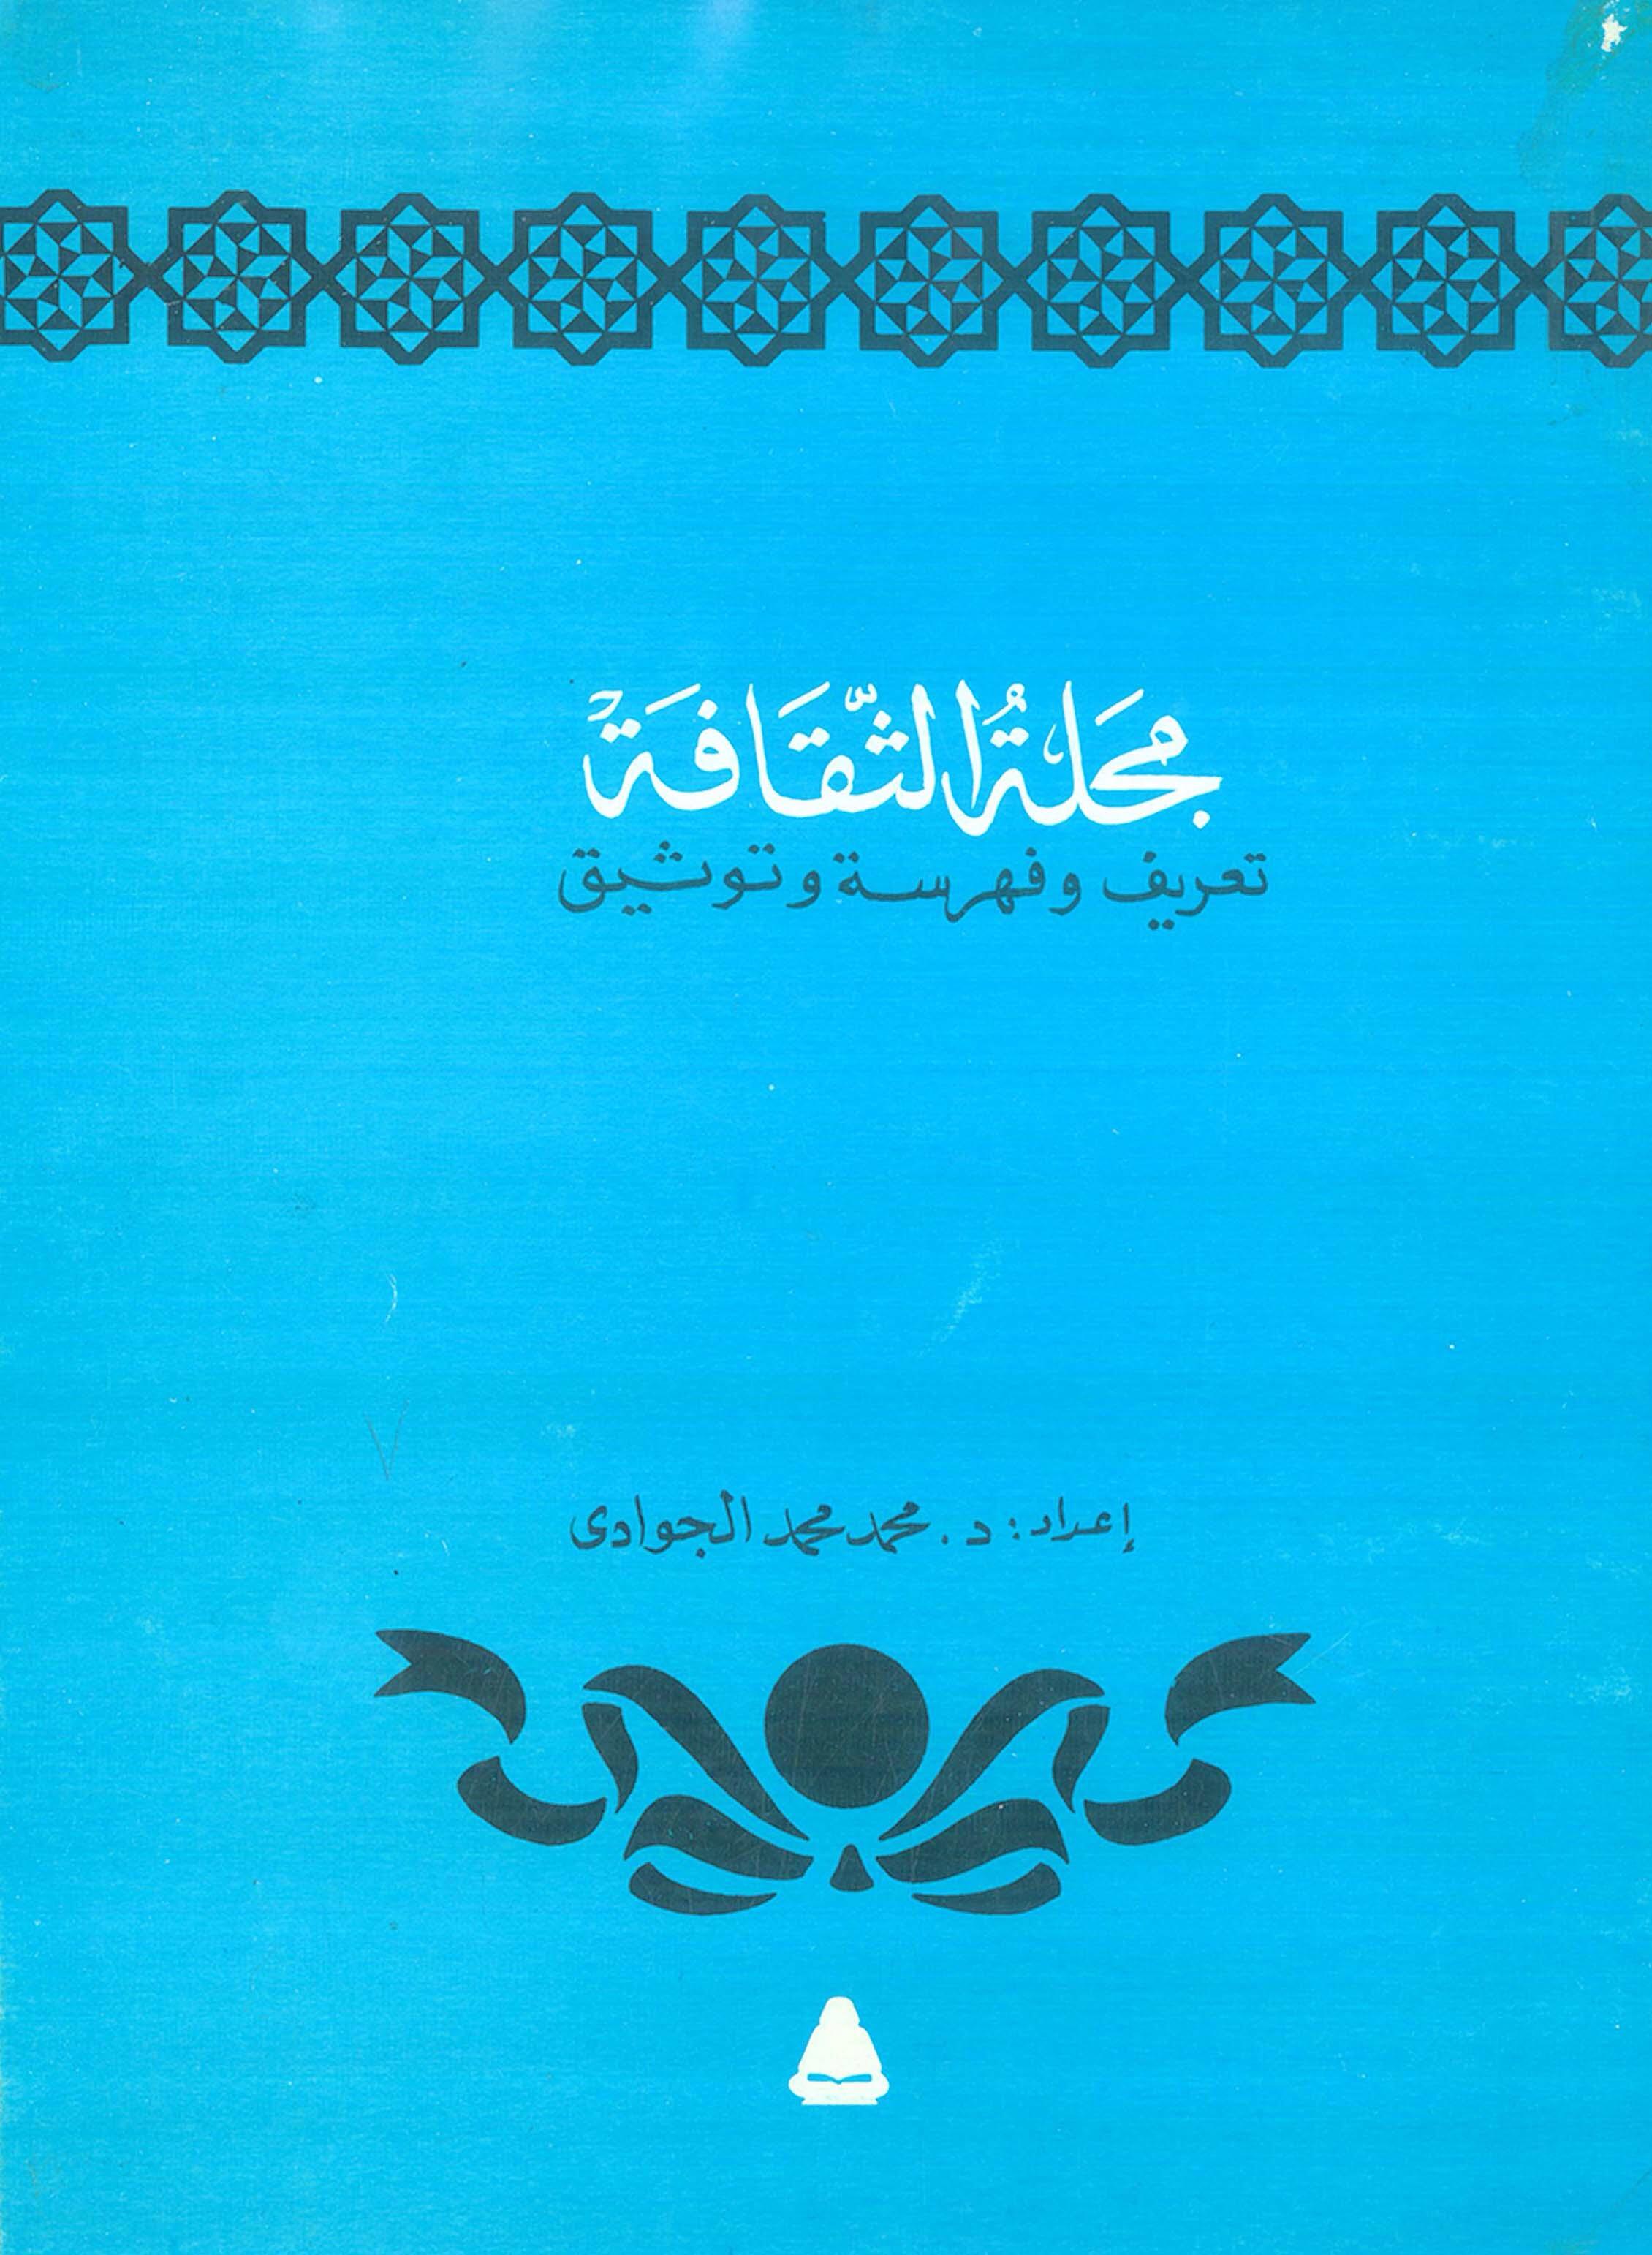 مجلة الثقافة (١٩٣٩-١٩٥٢)تعريف و فهرسة و توثيق